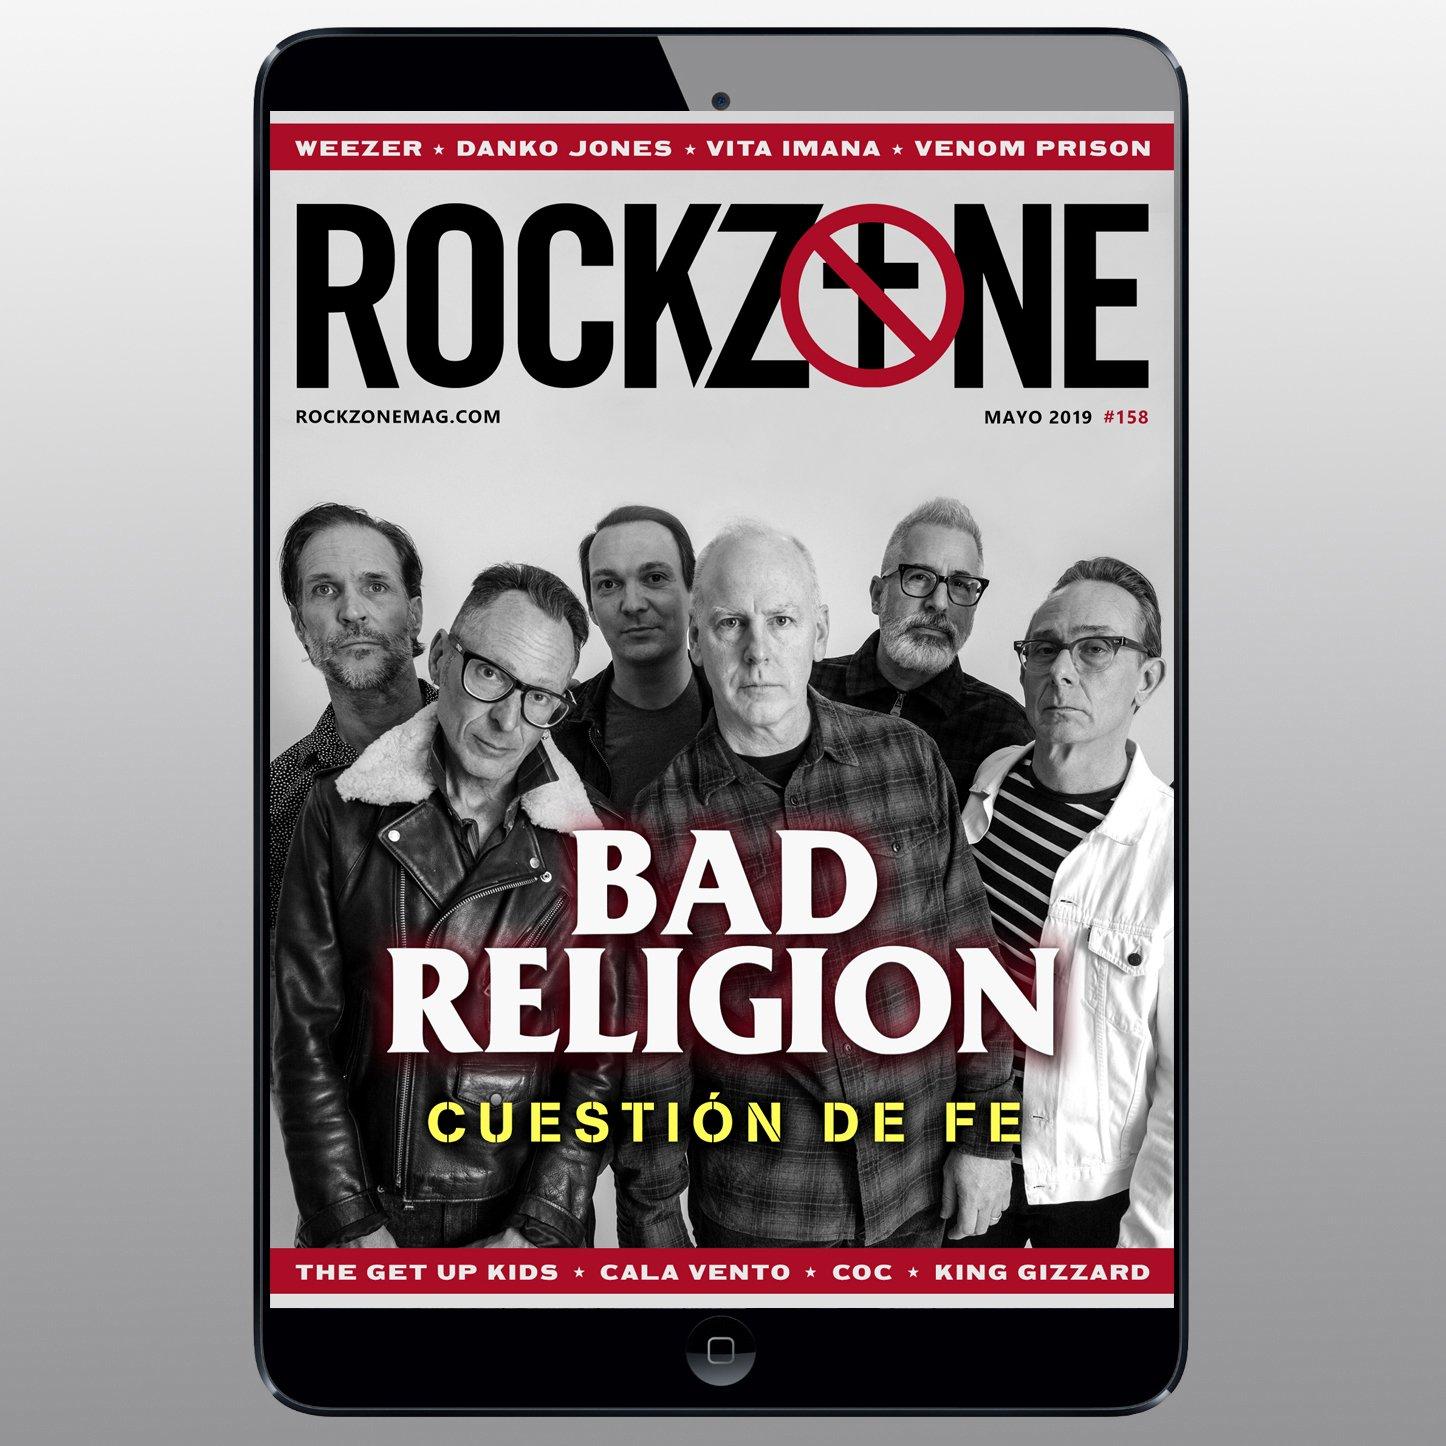 ¿Cuántos compráis la ROCKZONE? - Página 8 D5abIyVW0AMu56P